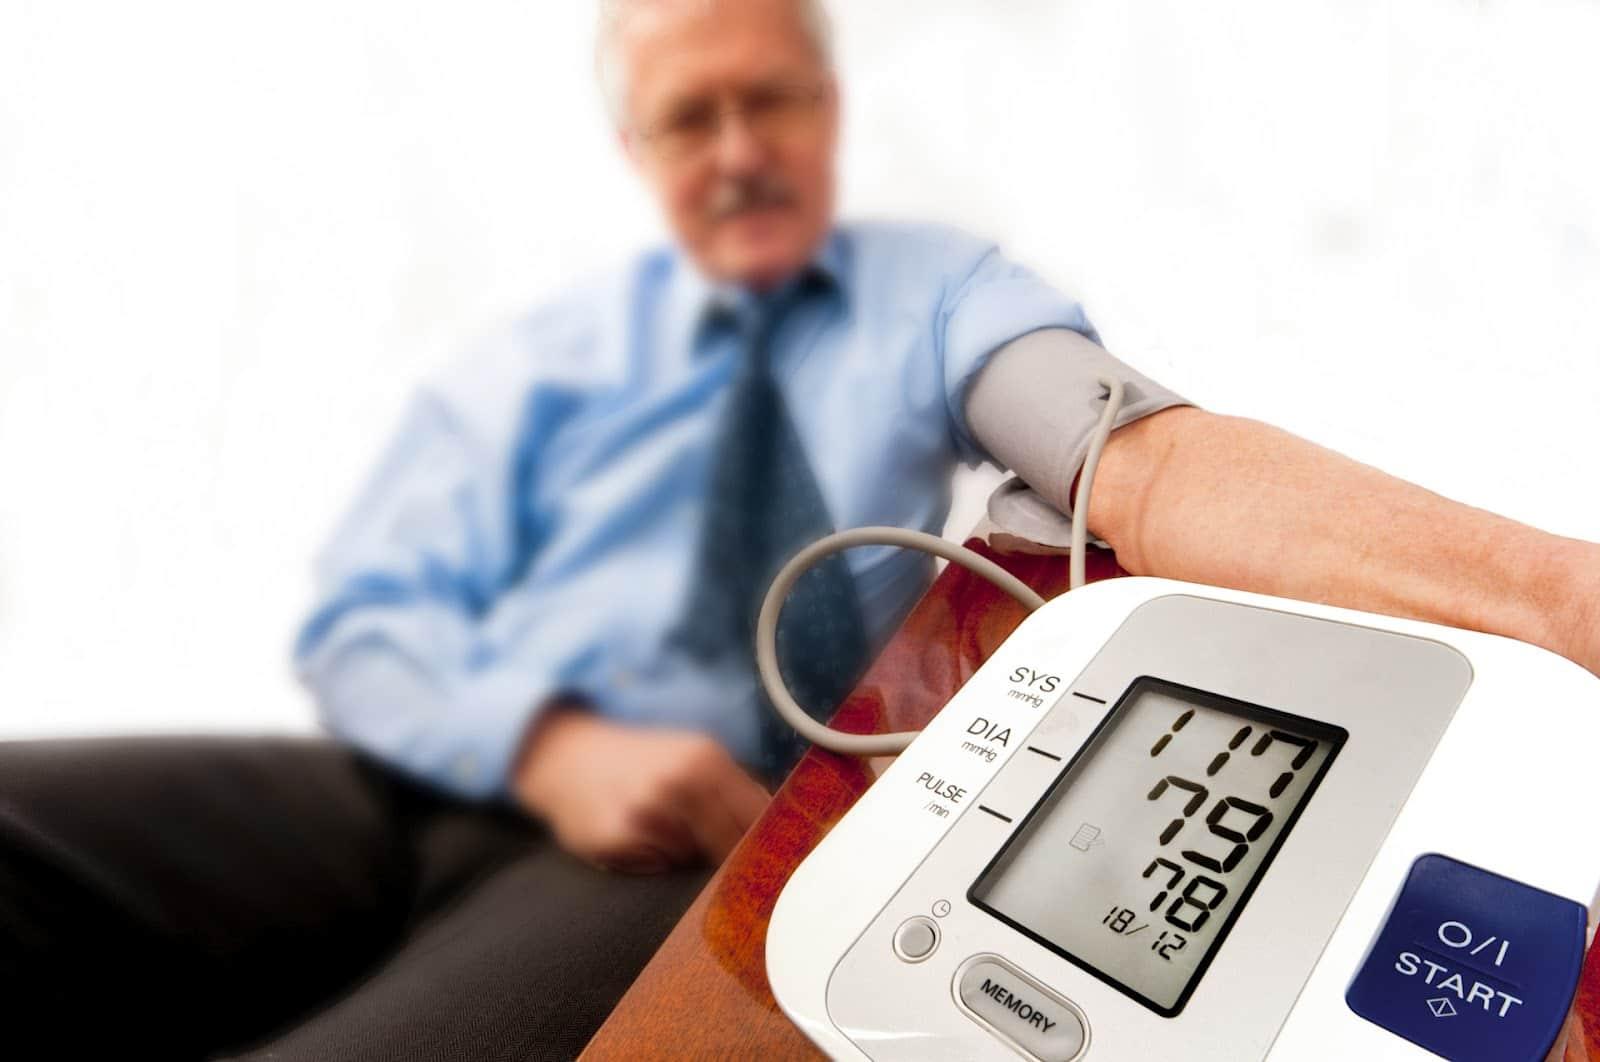 širdies pulso dažnio poveikis sveikatai